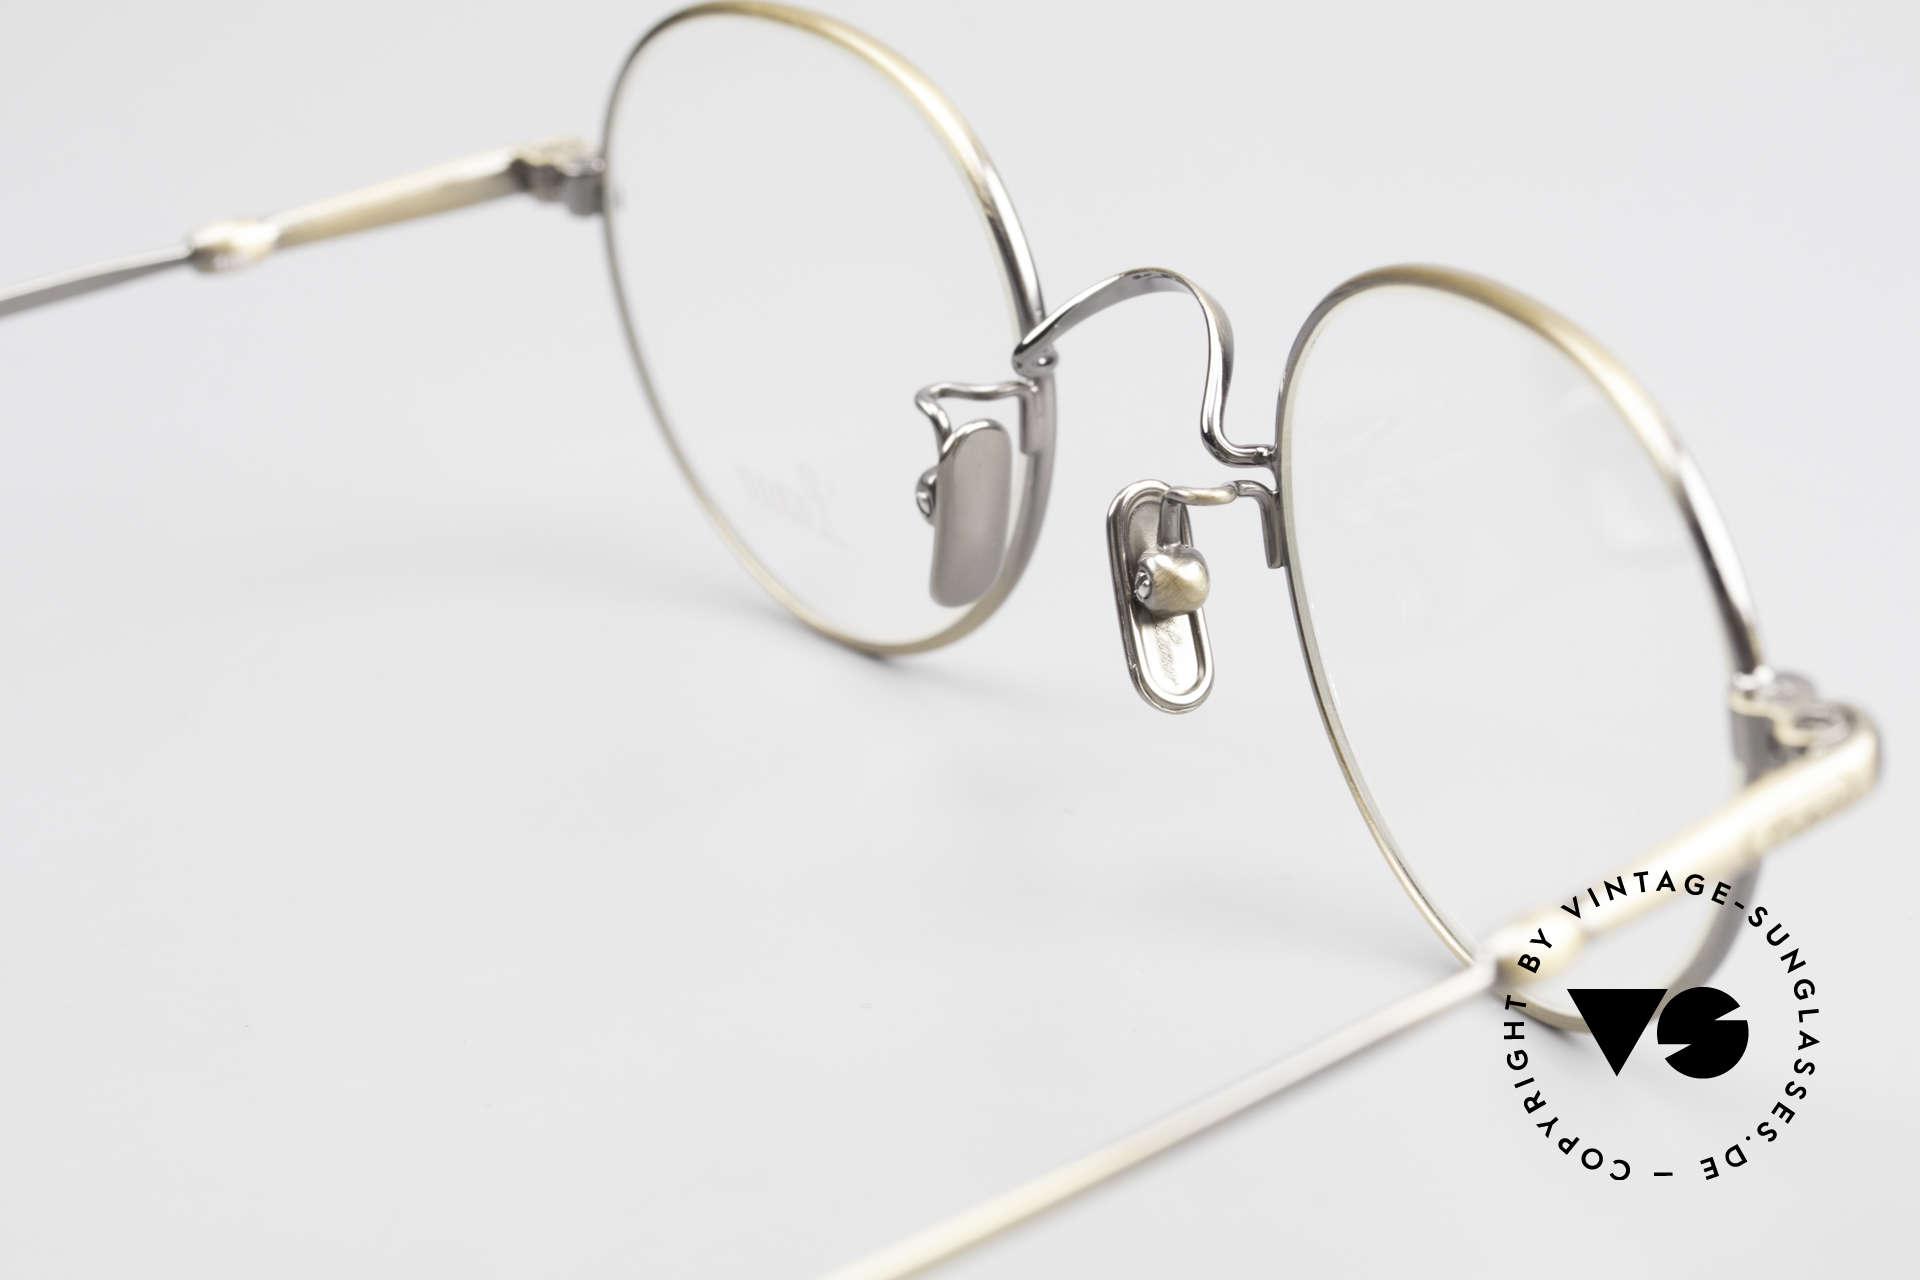 Lunor V 108 Metal Frame With Titanium Pads, Size: medium, Made for Men